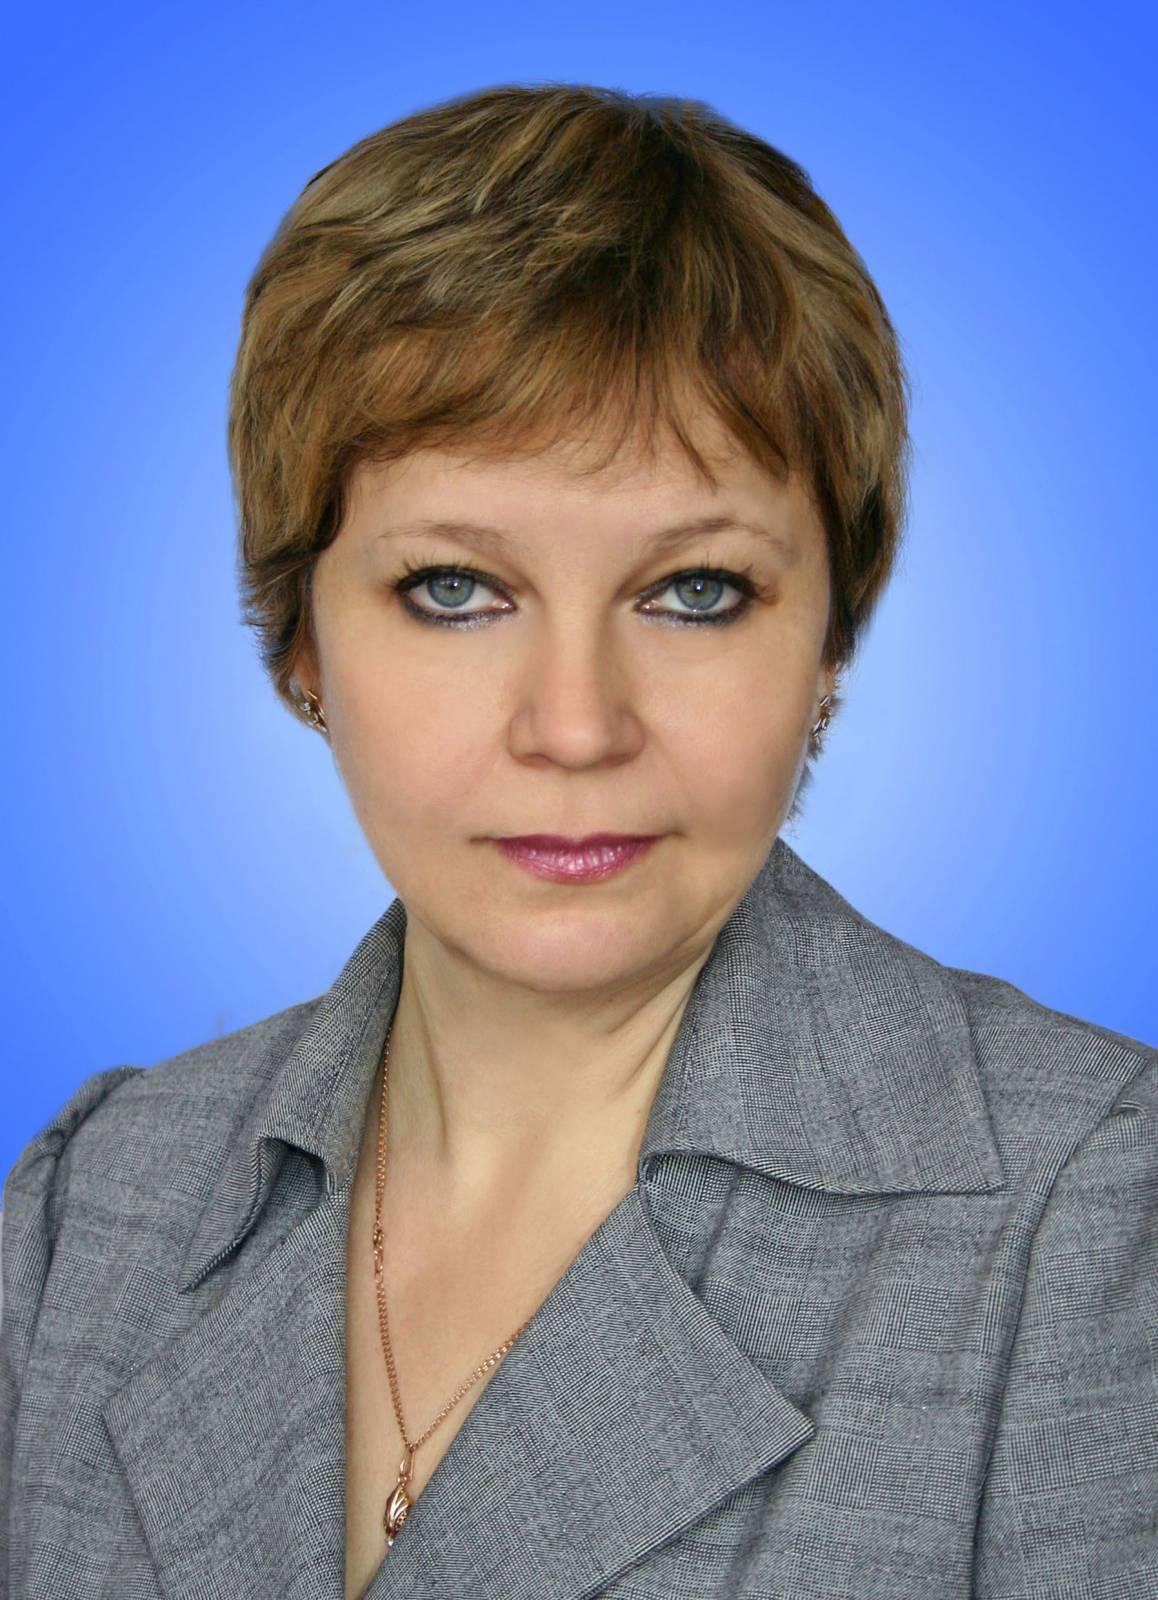 Учительница русского языка 20 фотография